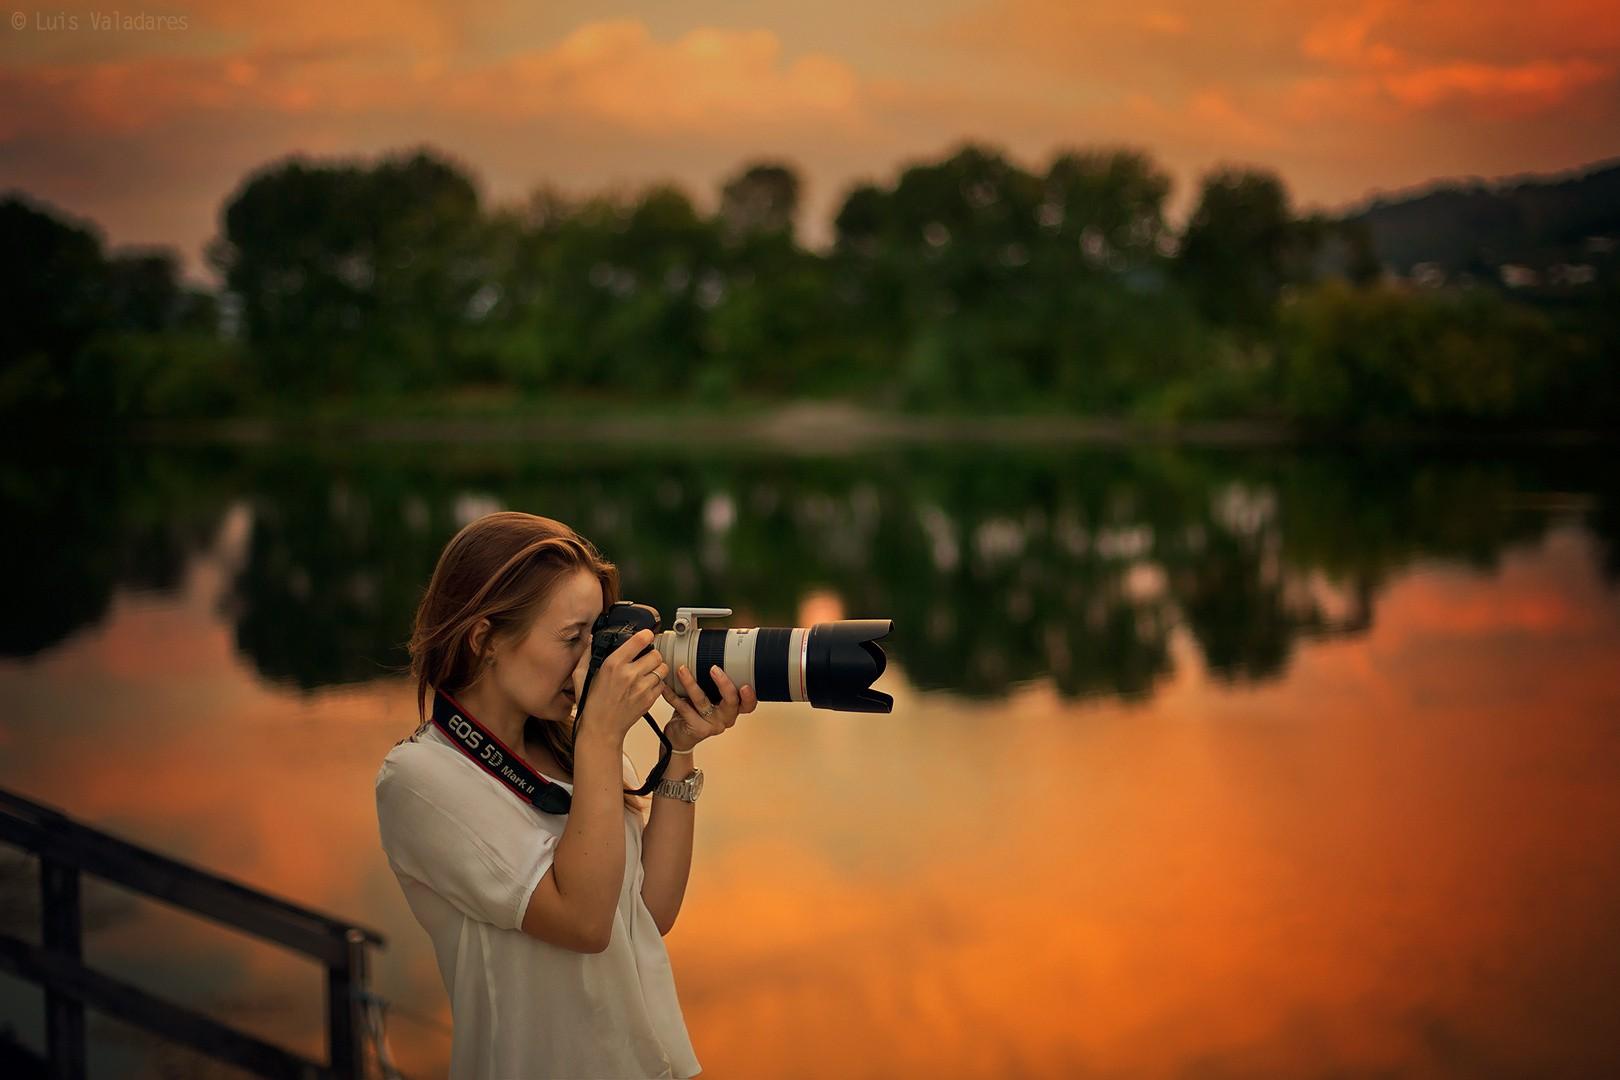 фото девушек сделанные профессиональными фотографами